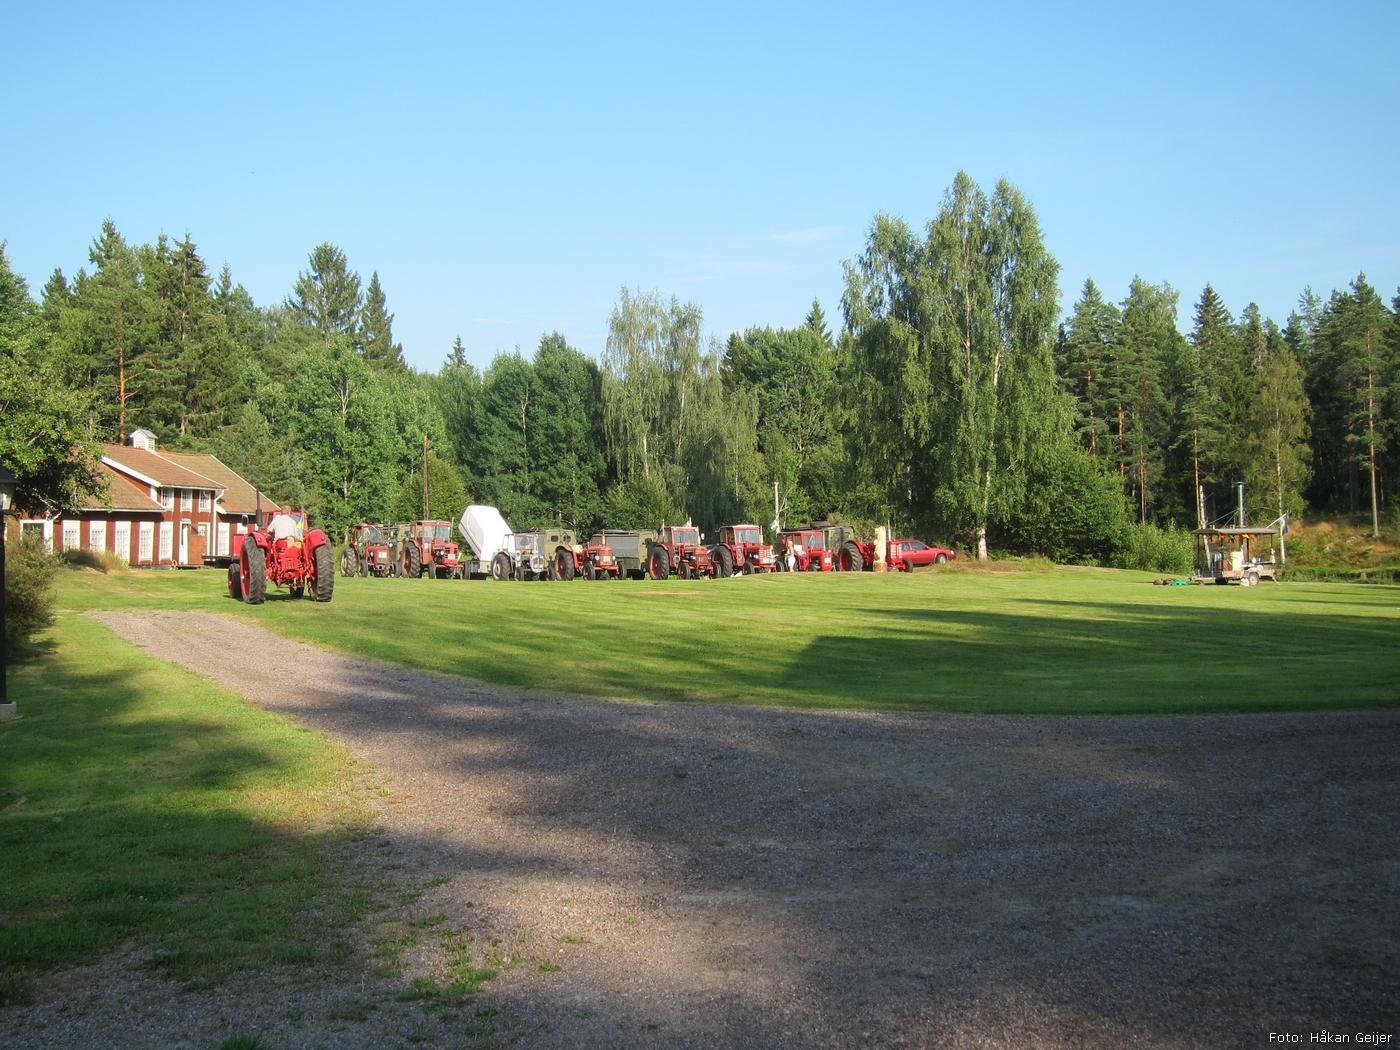 2014-08-02_49_traktorresa